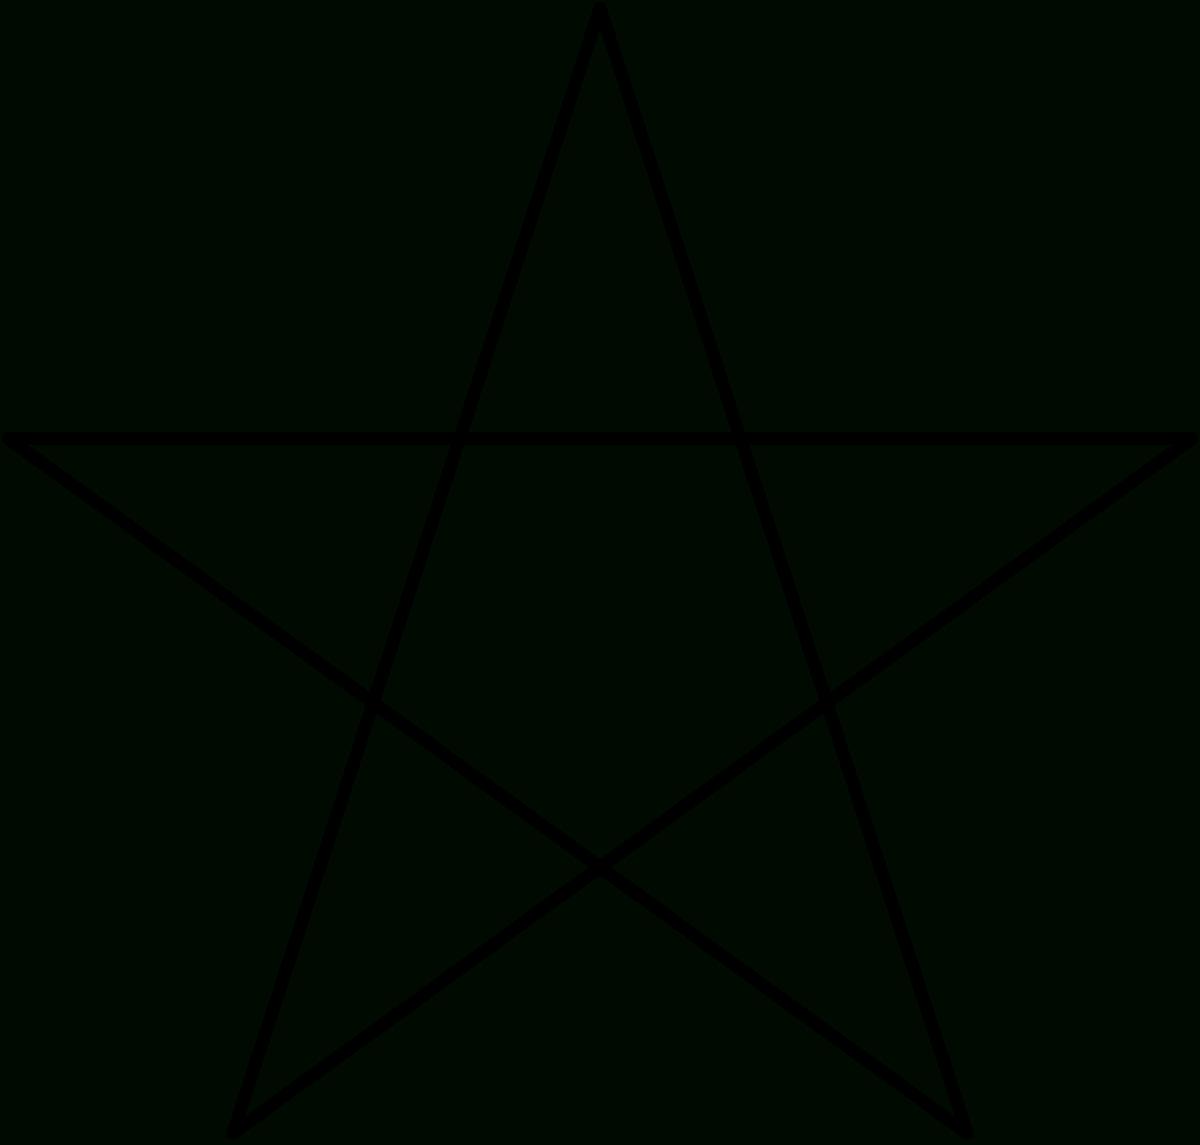 Pentagramm – Wikipedia für Wie Zeichnet Man Einen Stern Mit 5 Spitzen